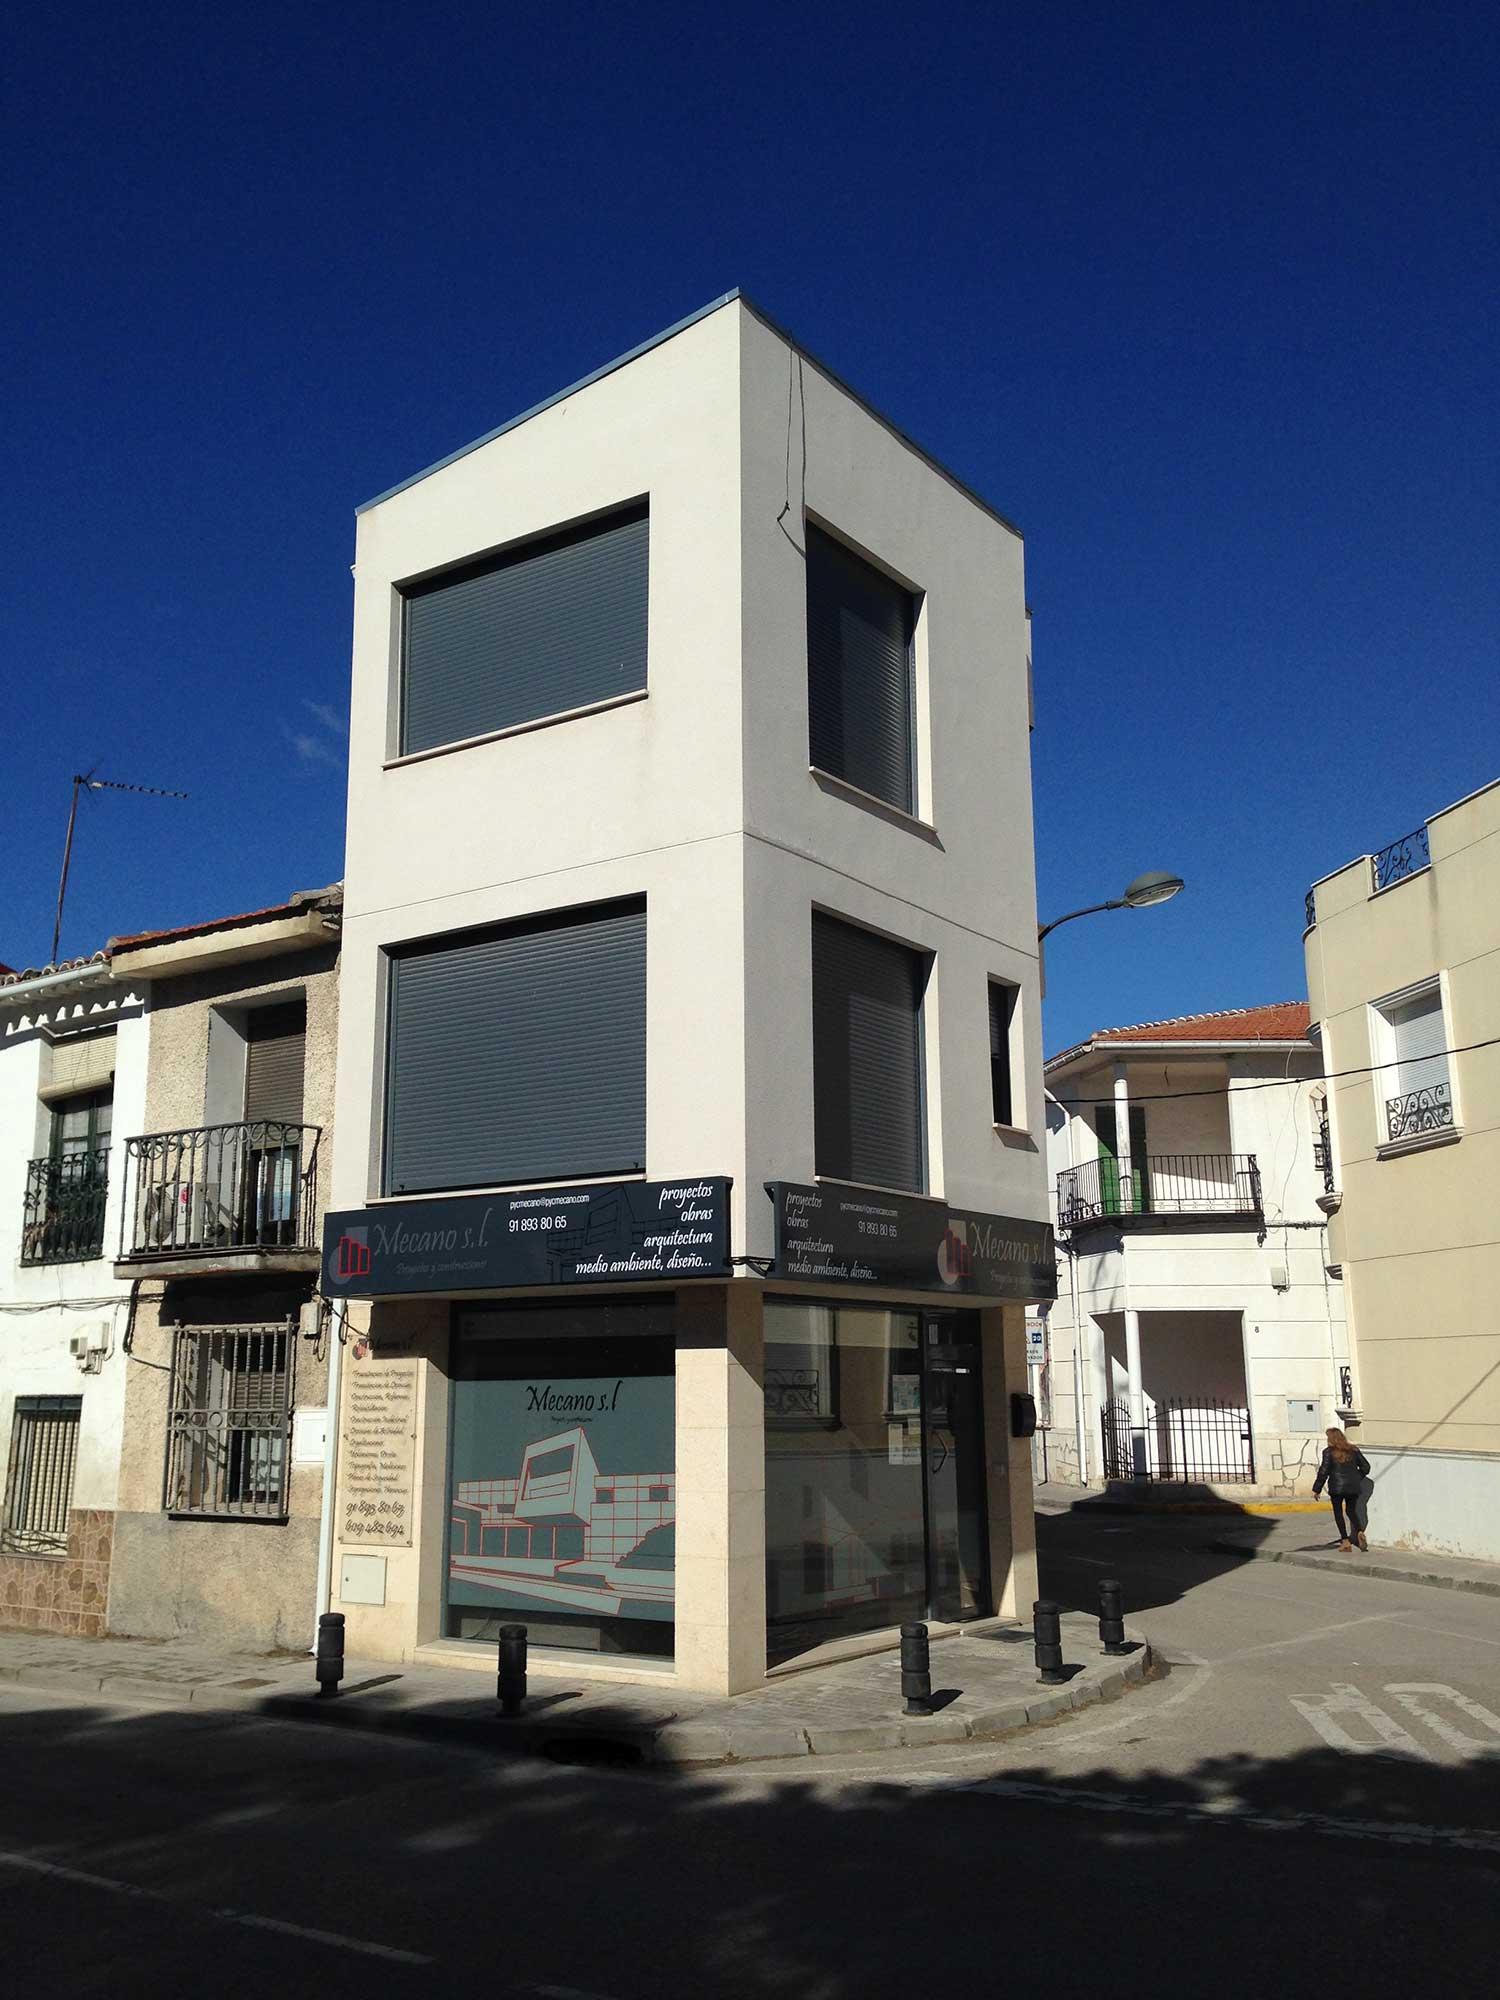 Estudio de arquitectos madrid proyectos y construcciones mecano madrid - Arquitectos interioristas madrid ...